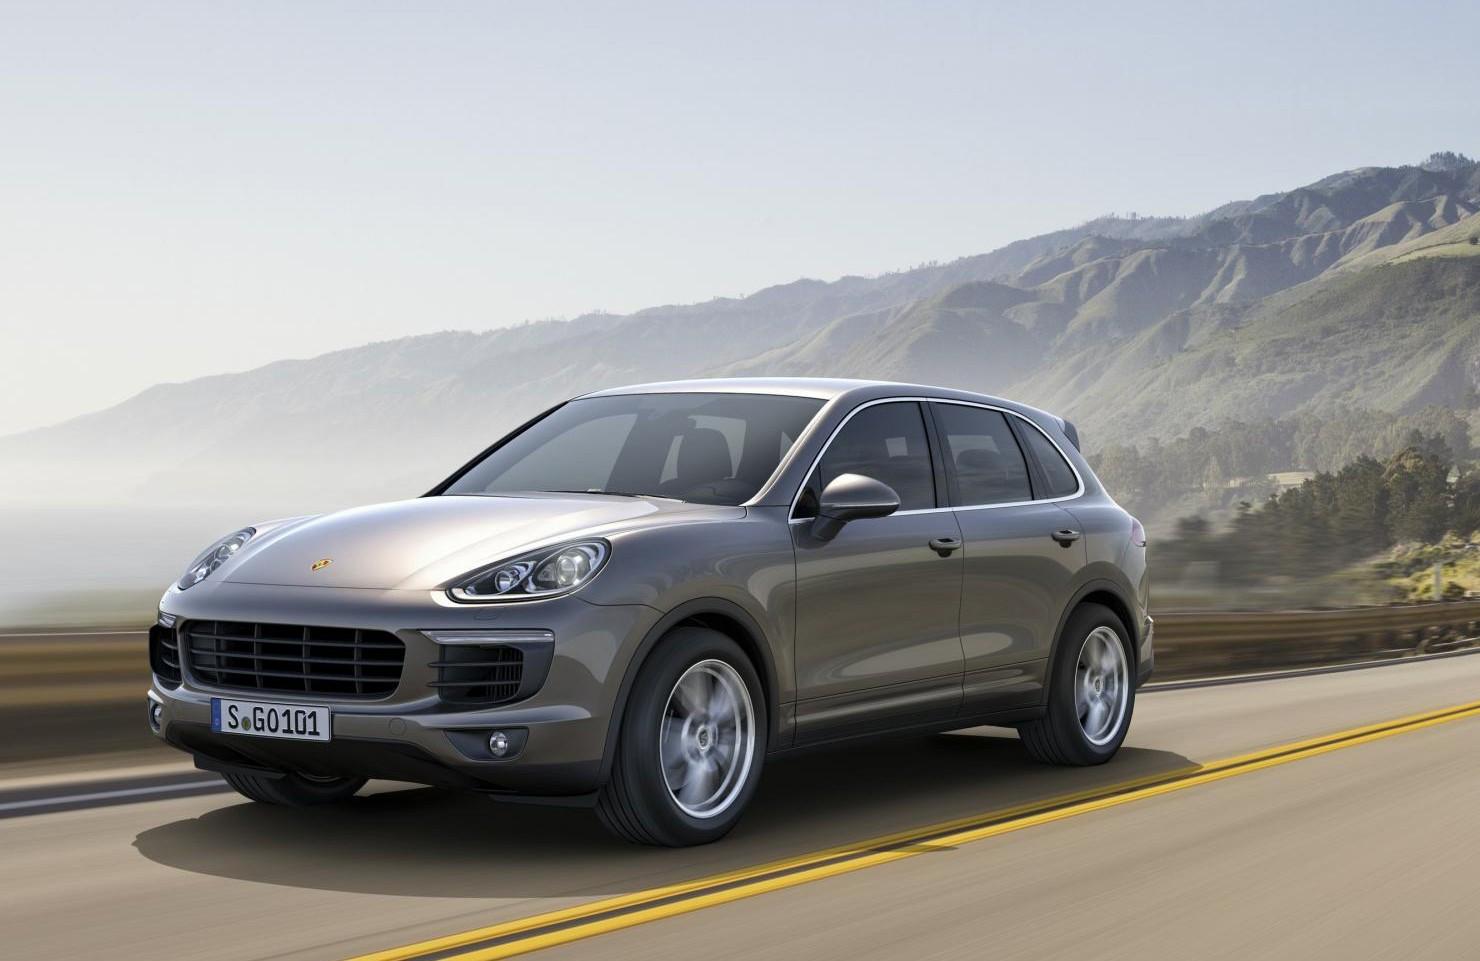 Продажи Porsche в 2015 году достигли рекордного значения в 200 тысяч авто